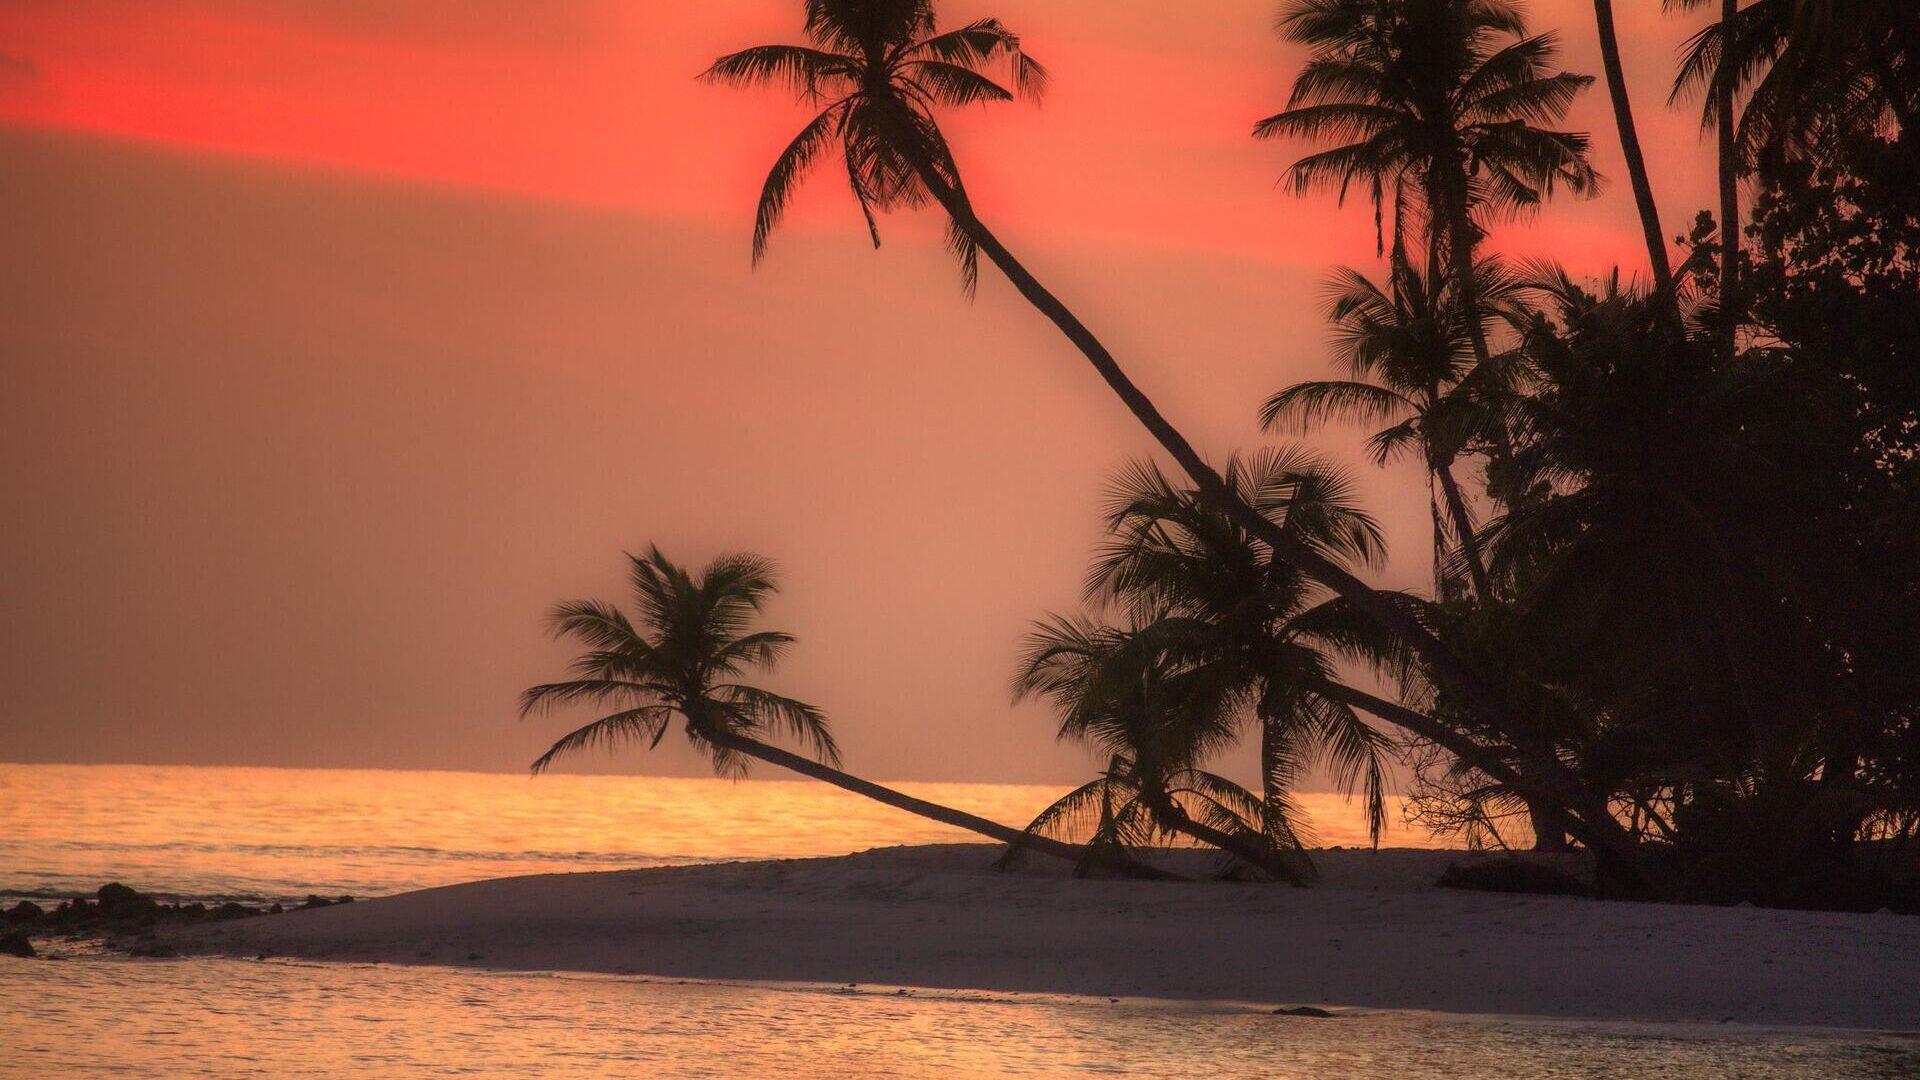 Восход солнца на одном из Мальдивских островов  - РИА Новости, 1920, 02.01.2021